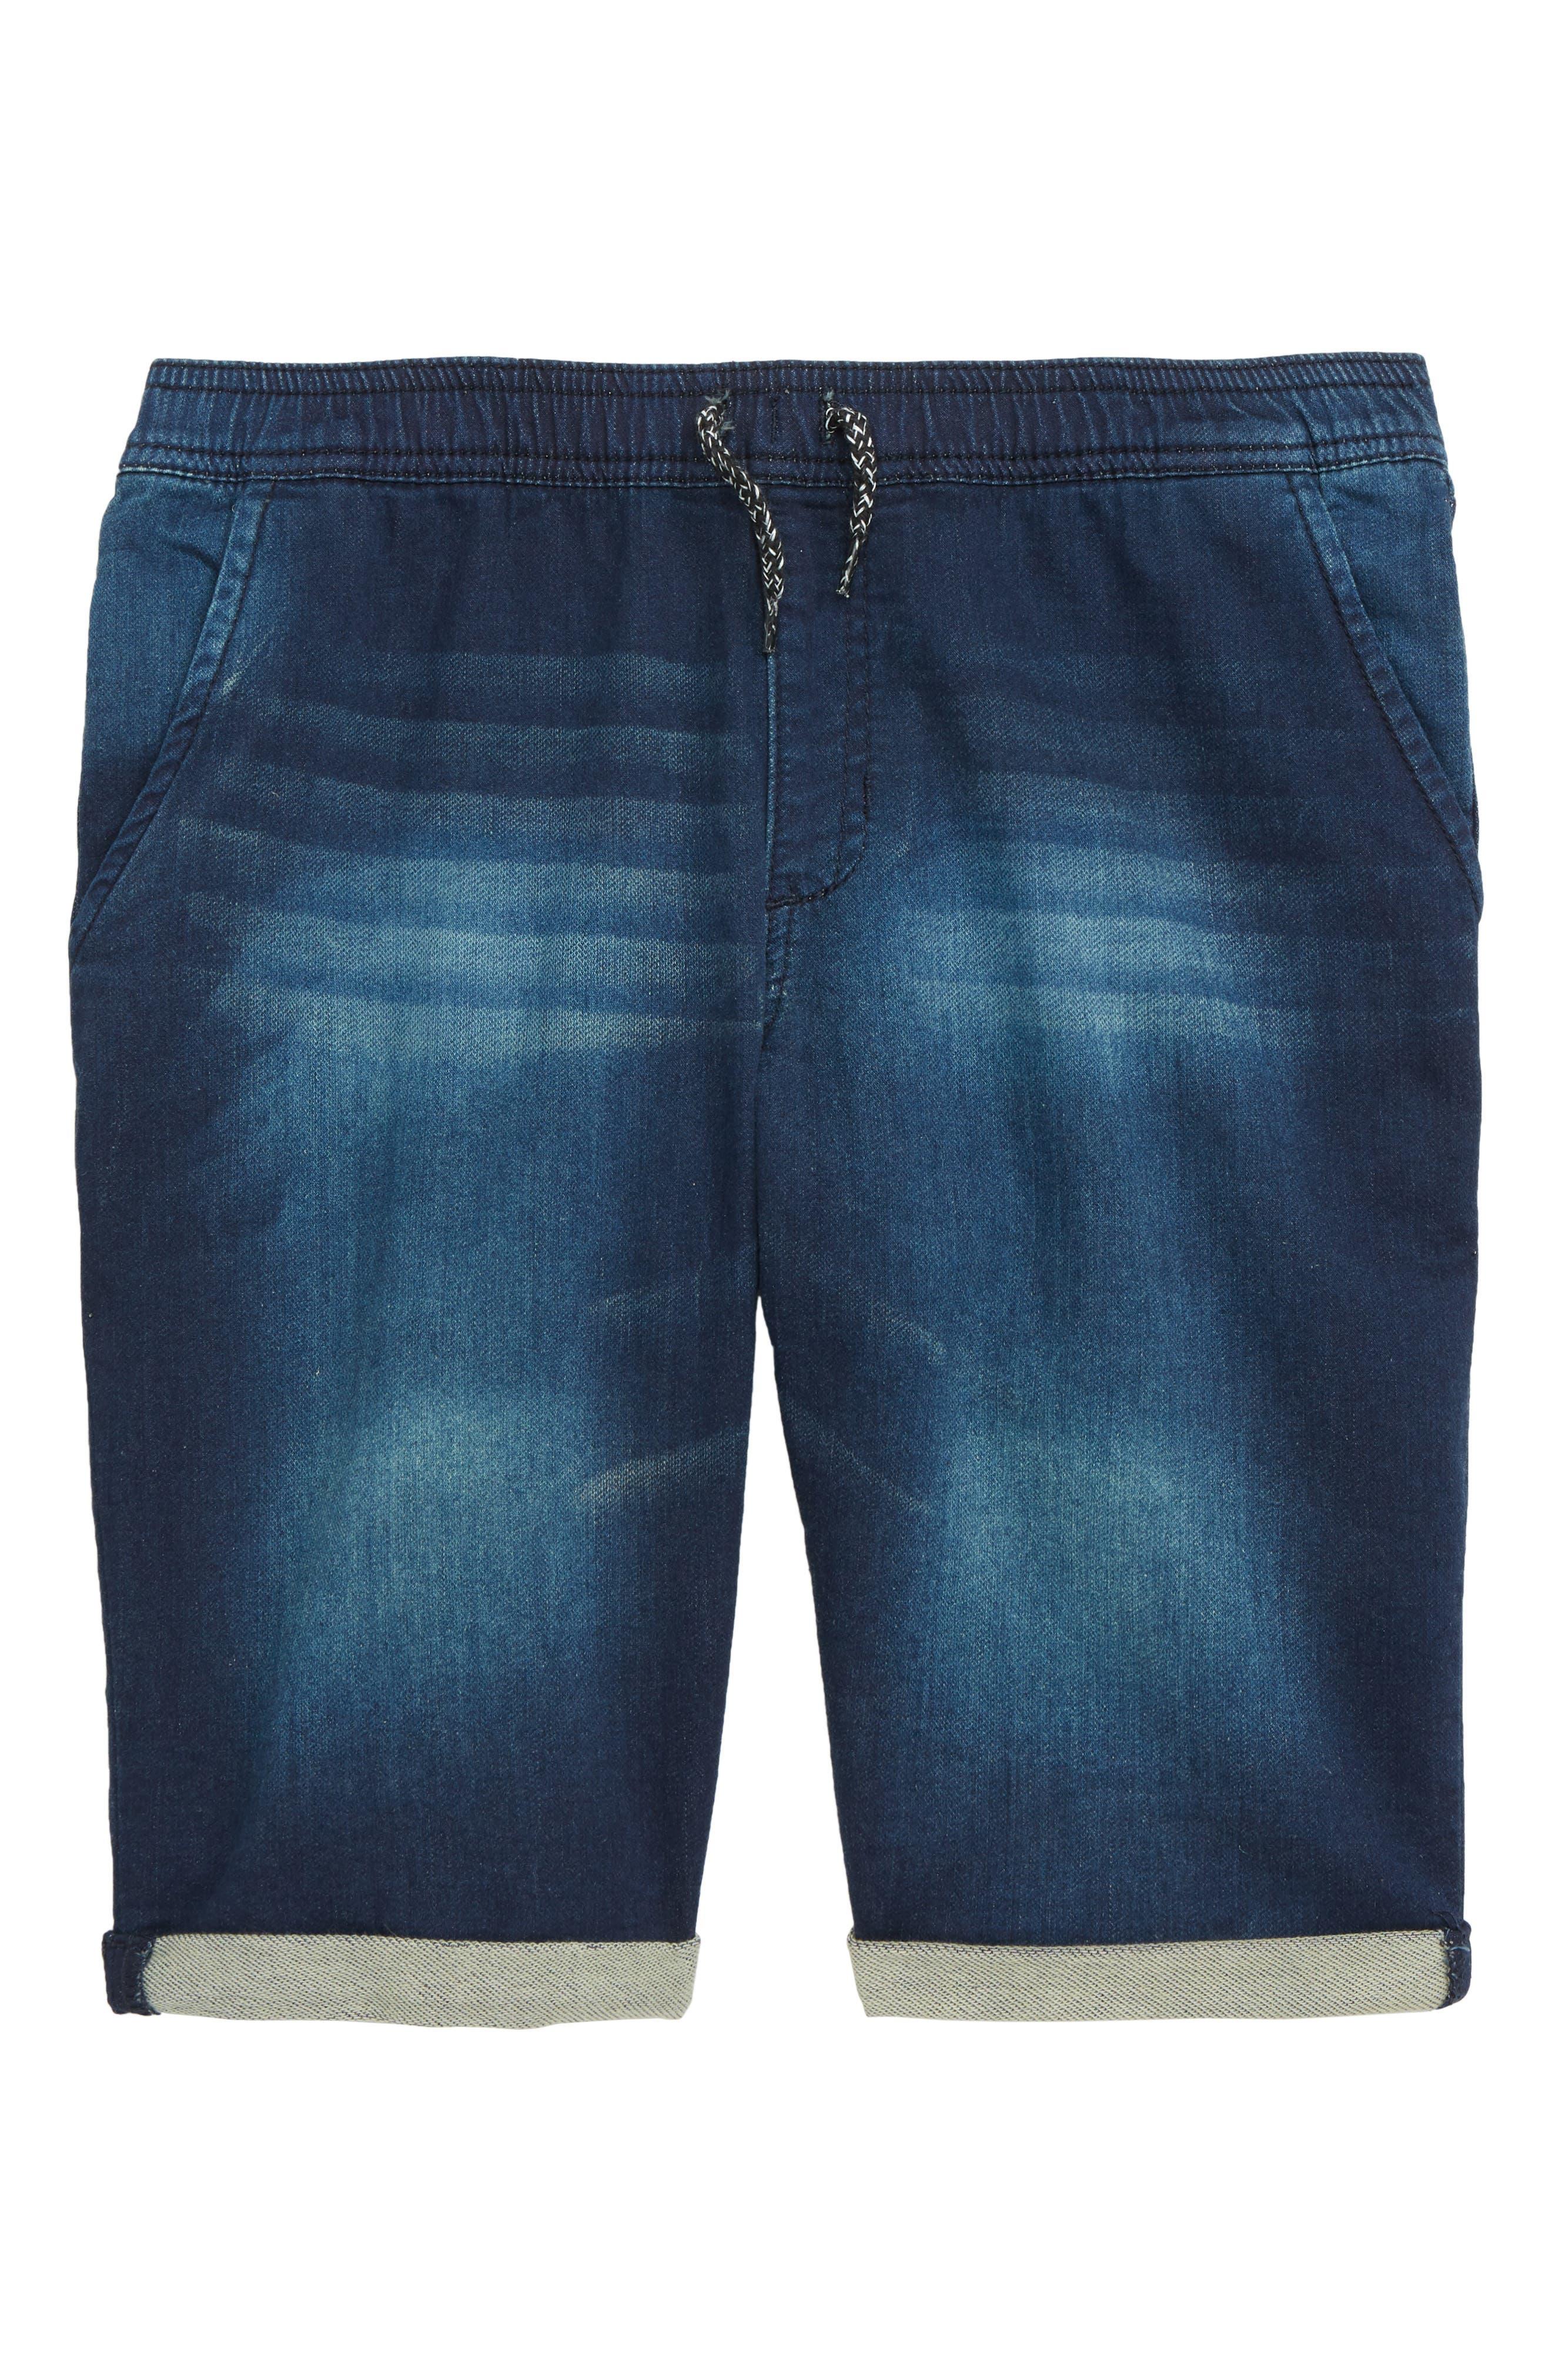 Denim Jogger Shorts,                             Main thumbnail 1, color,                             NILE WASH